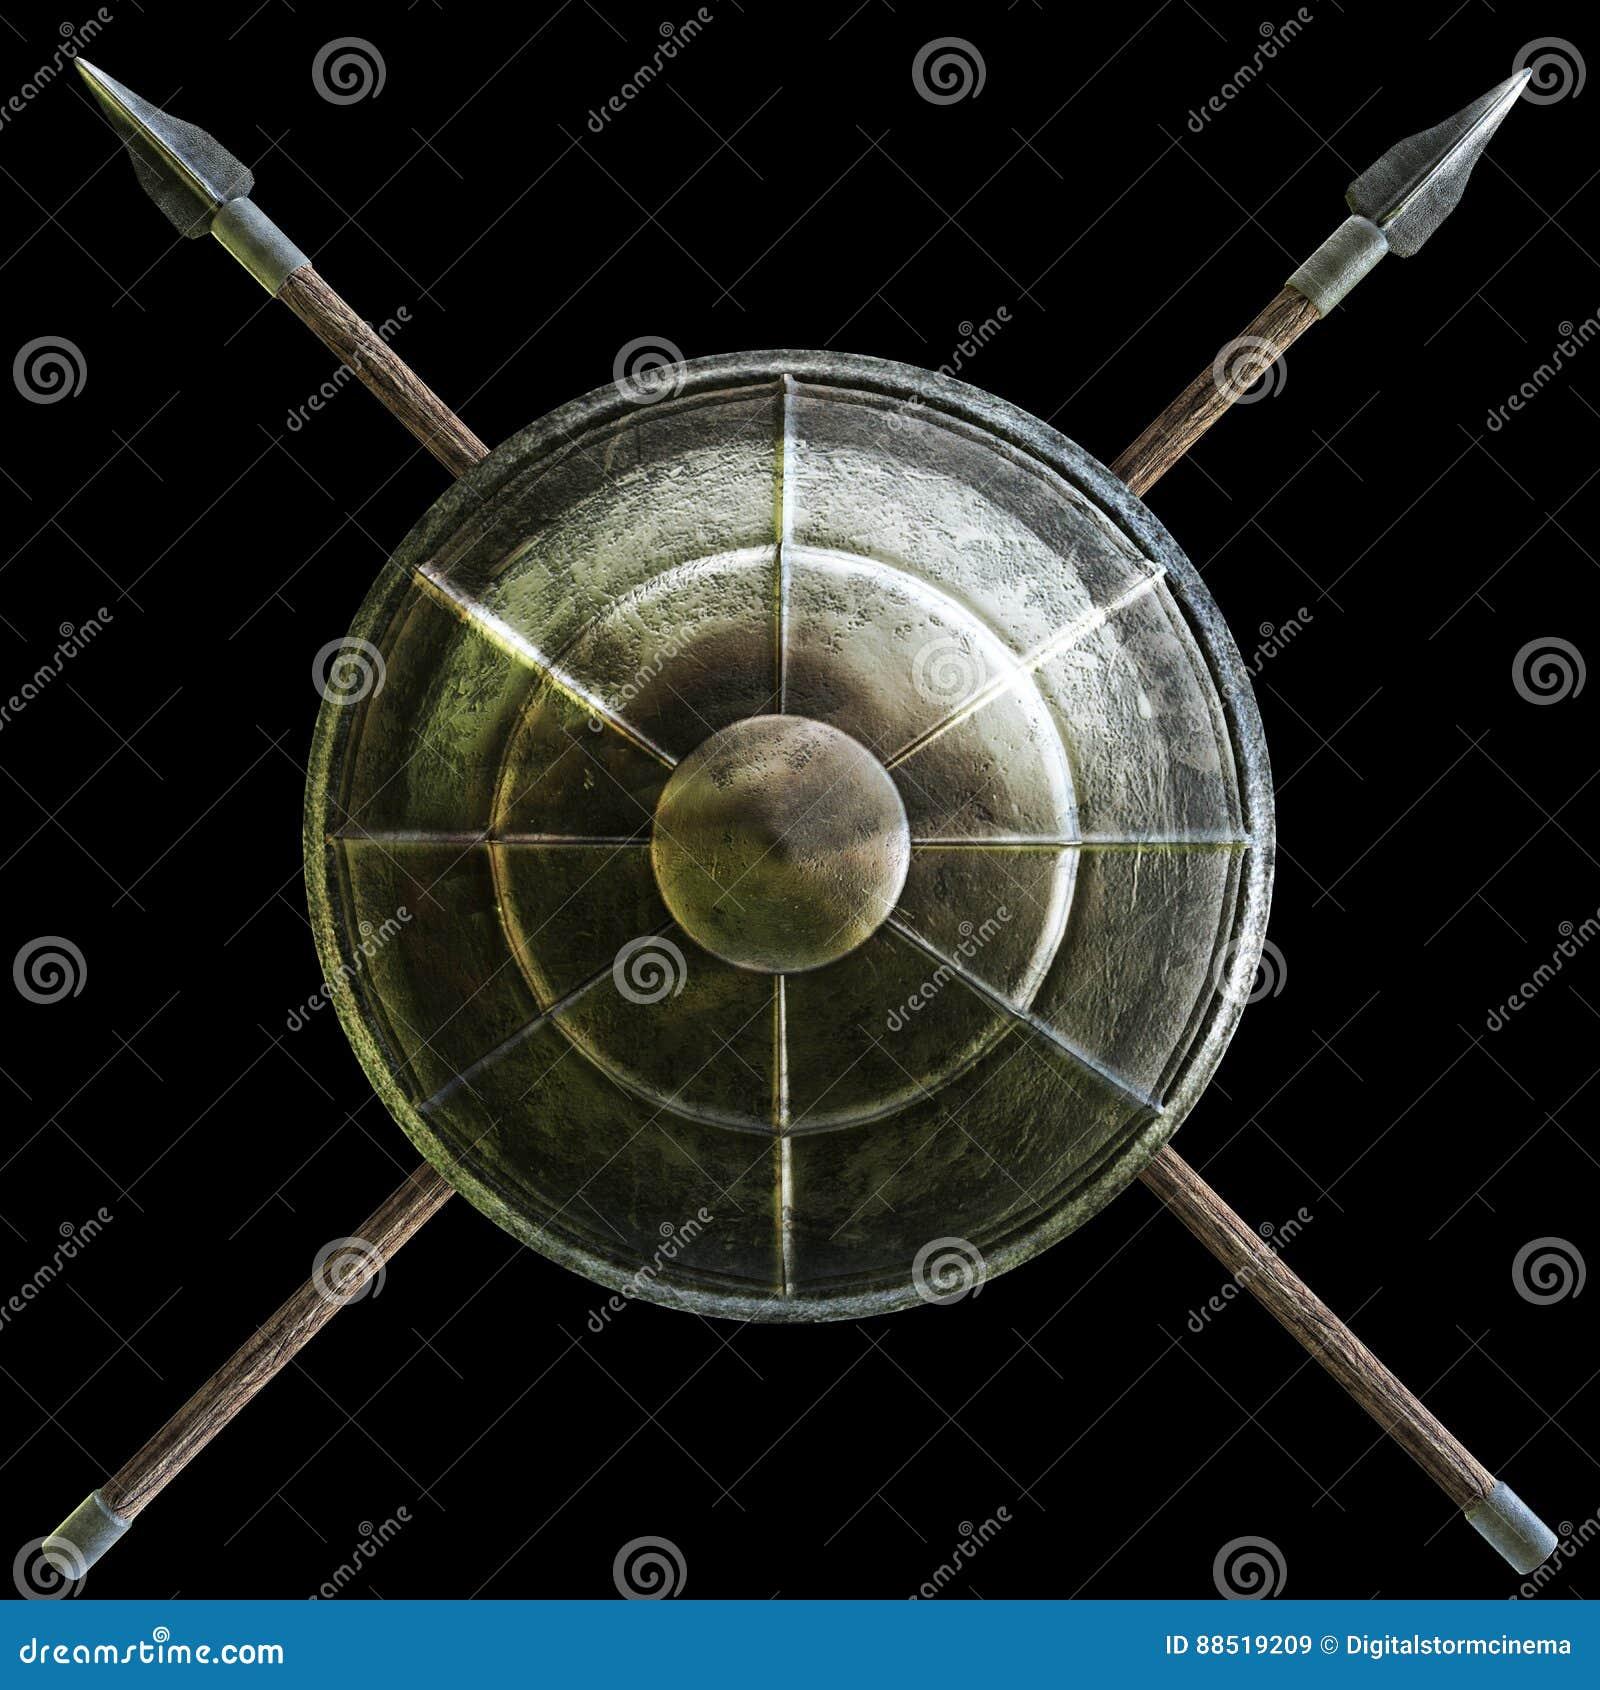 spartanisches schild mit kreuz durchbohrt symbol auf einem schwarzen hintergrund stock abbildung. Black Bedroom Furniture Sets. Home Design Ideas